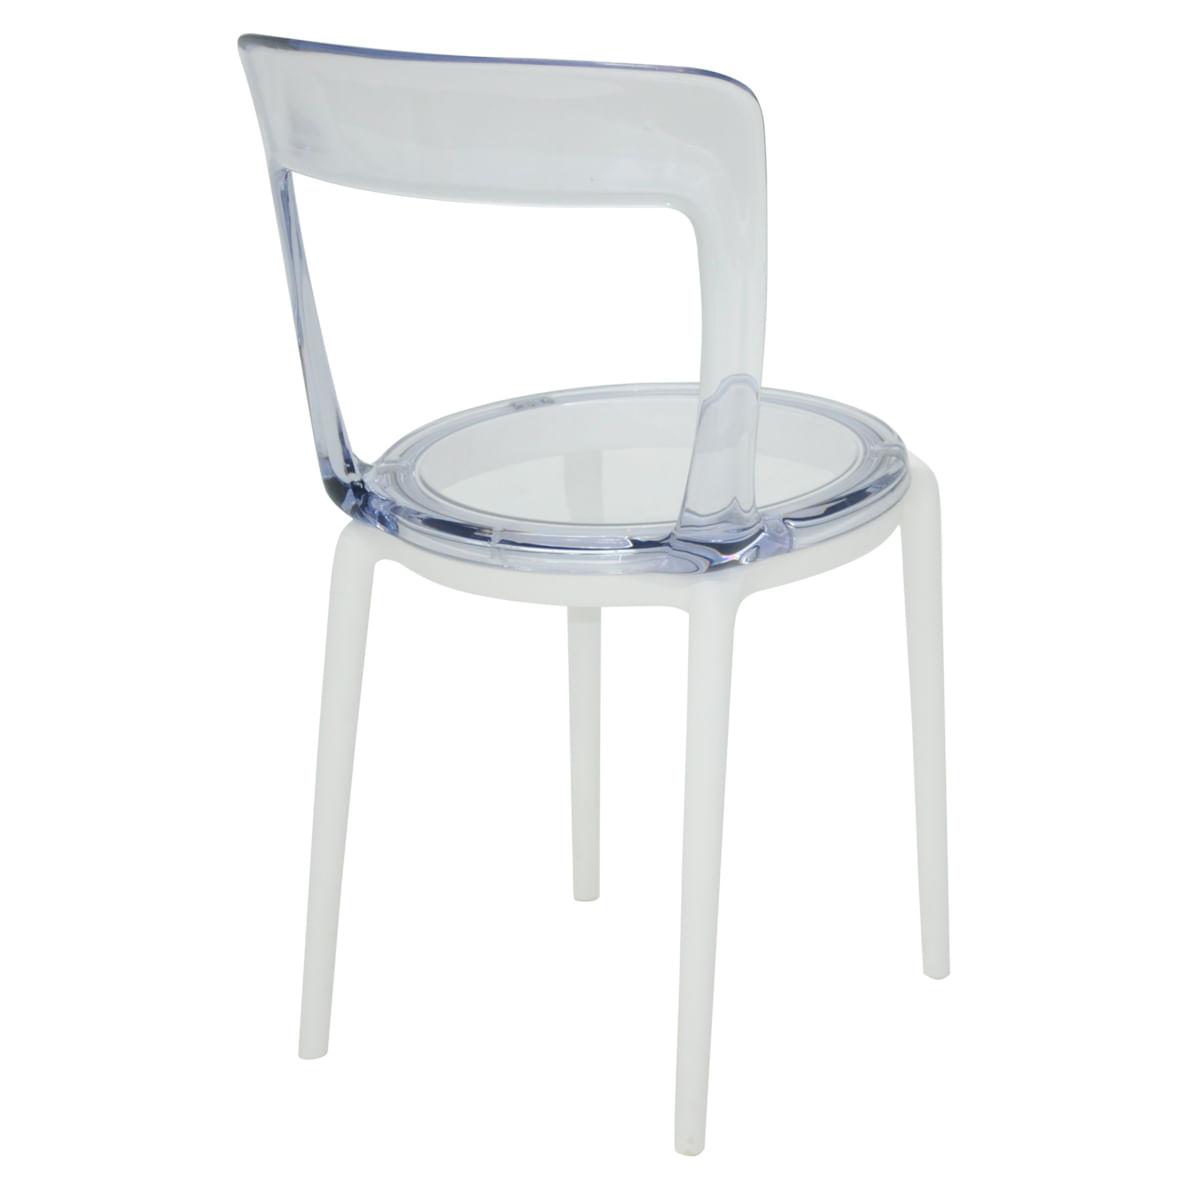 Cadeira Tramontina Luna C em Policarbonato com Pernas em Polipropileno Branco